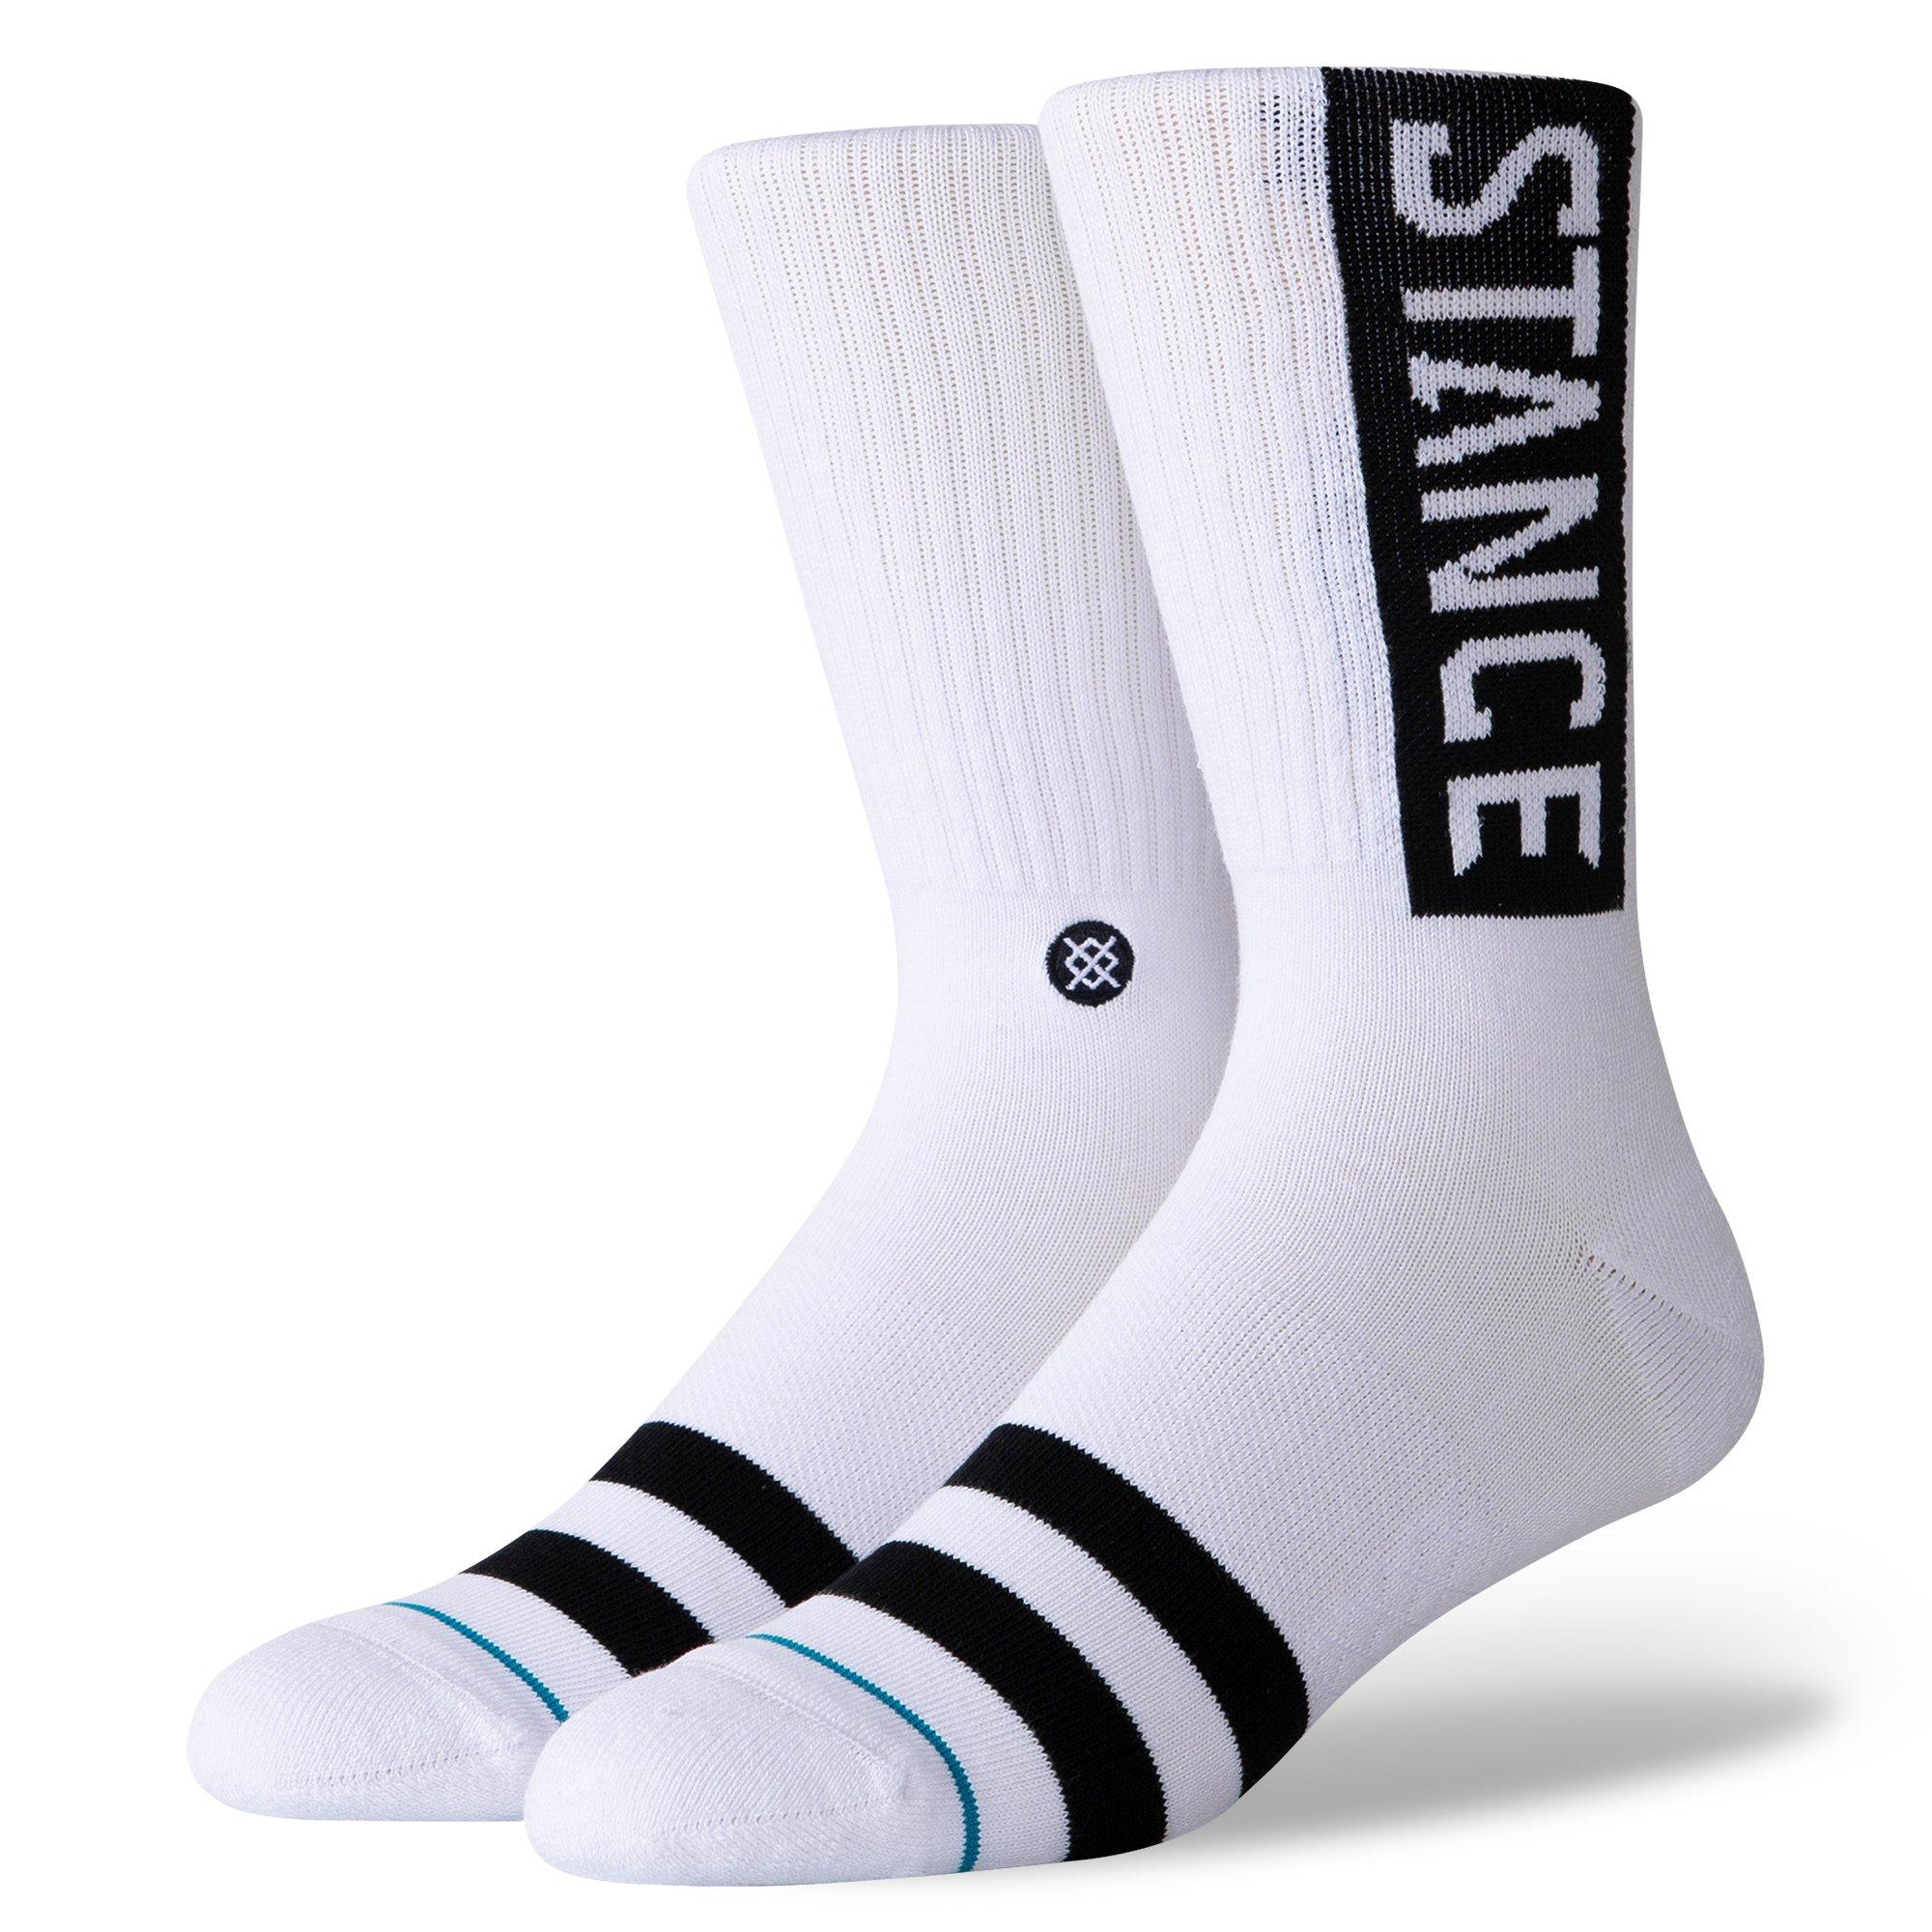 Stance - OG - White